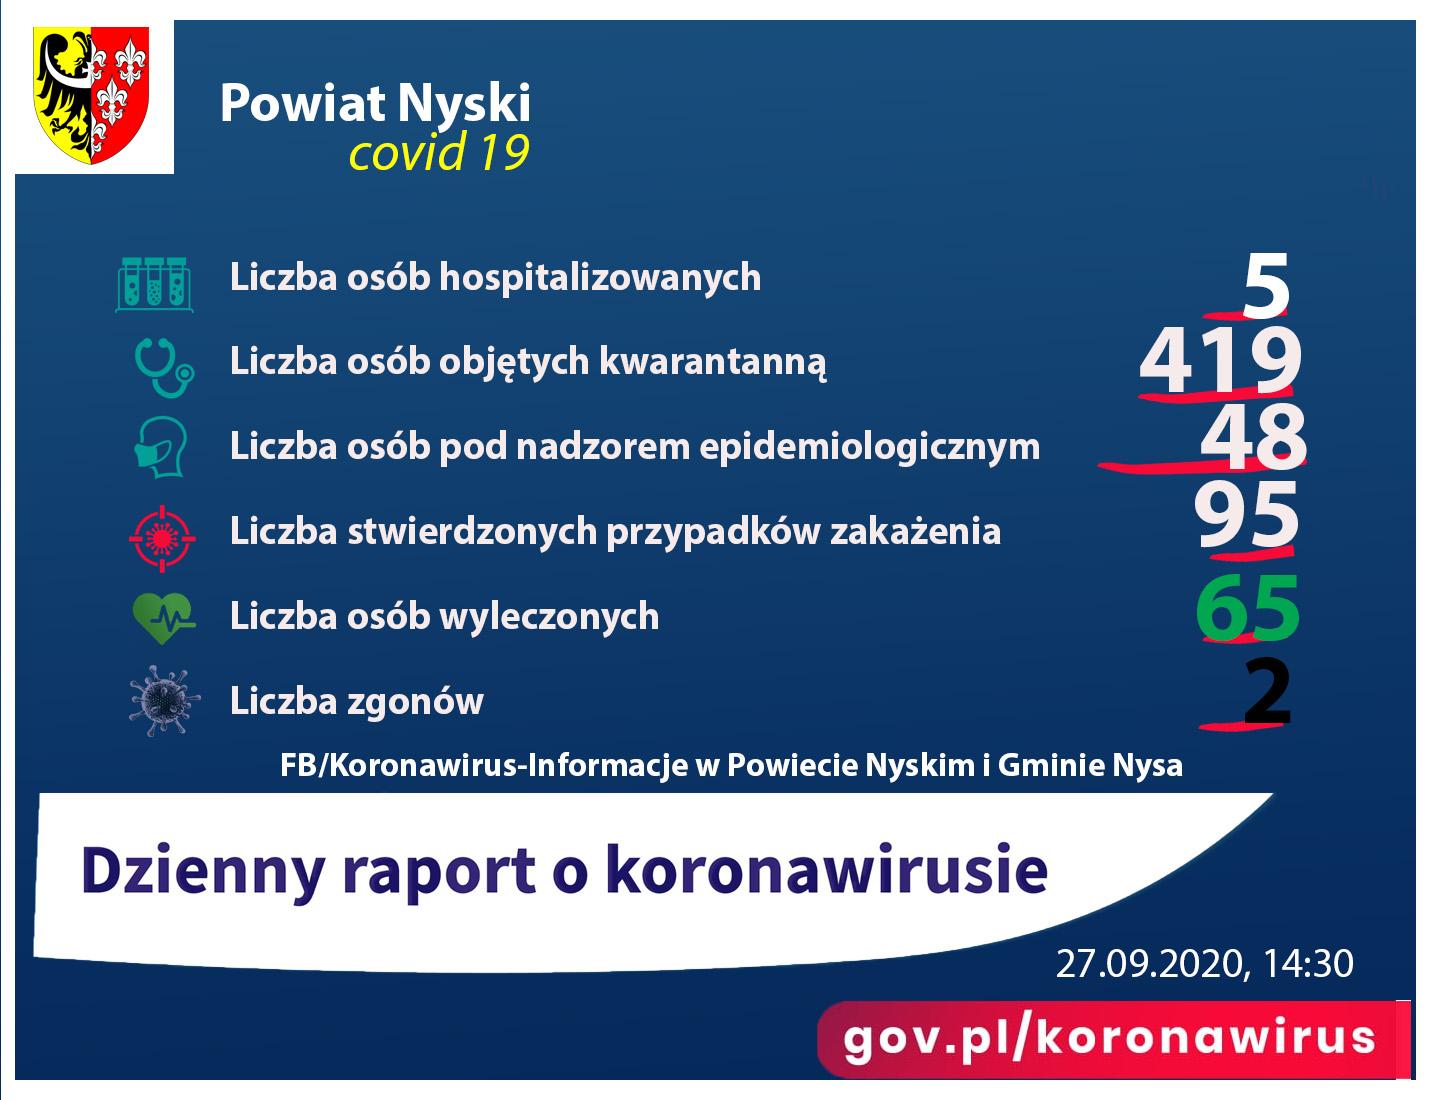 Raport przedstawia liczbę zakażonych, wyleczonych, pod nadzorem, hospitalizowanych